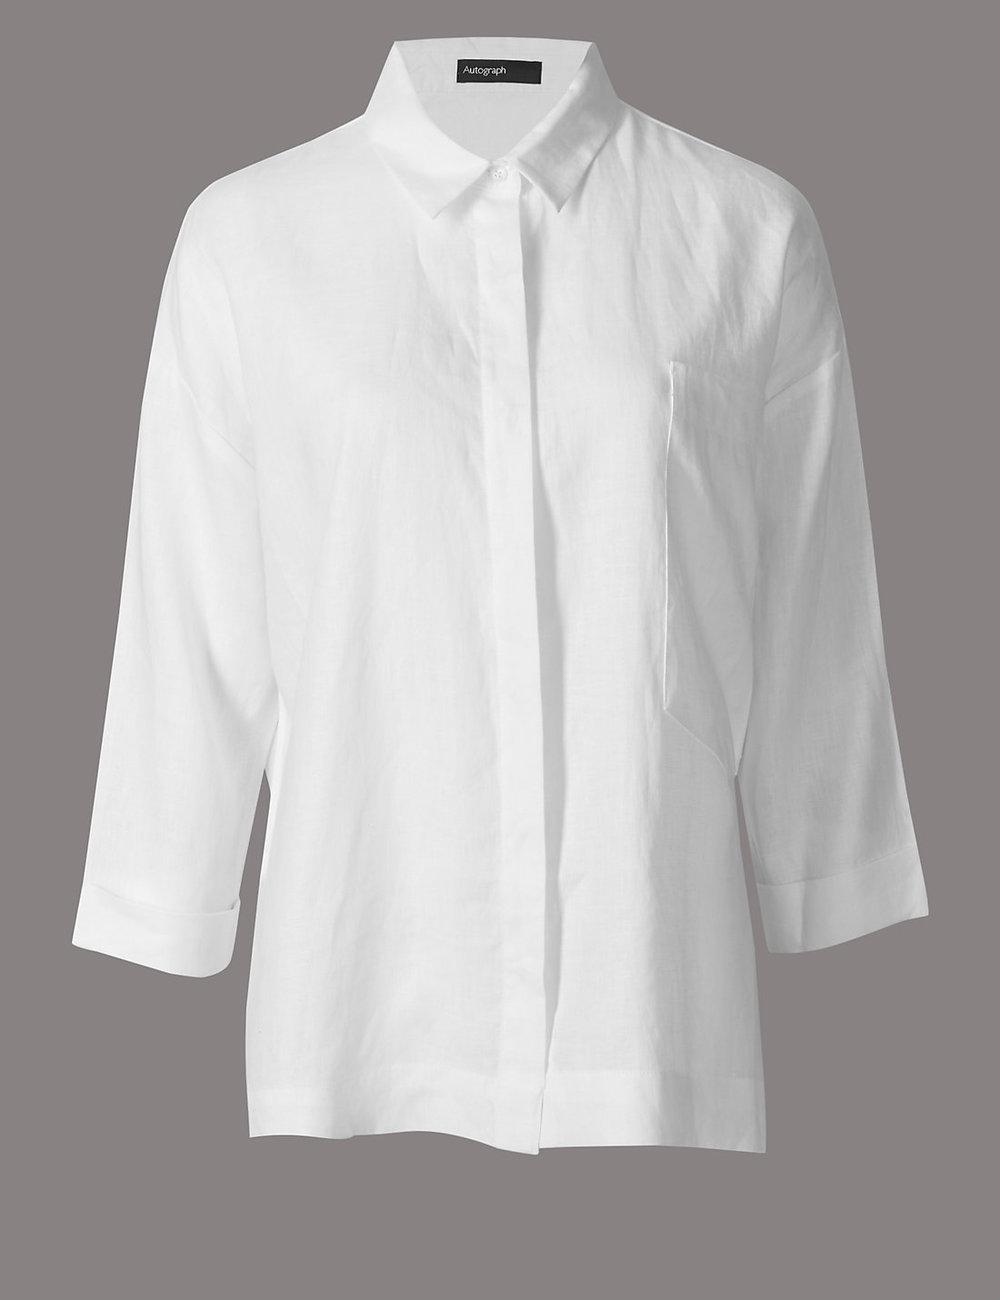 M&S -AUTOGRAPH Linen 3/4 Sleeve Shirt-£39.50